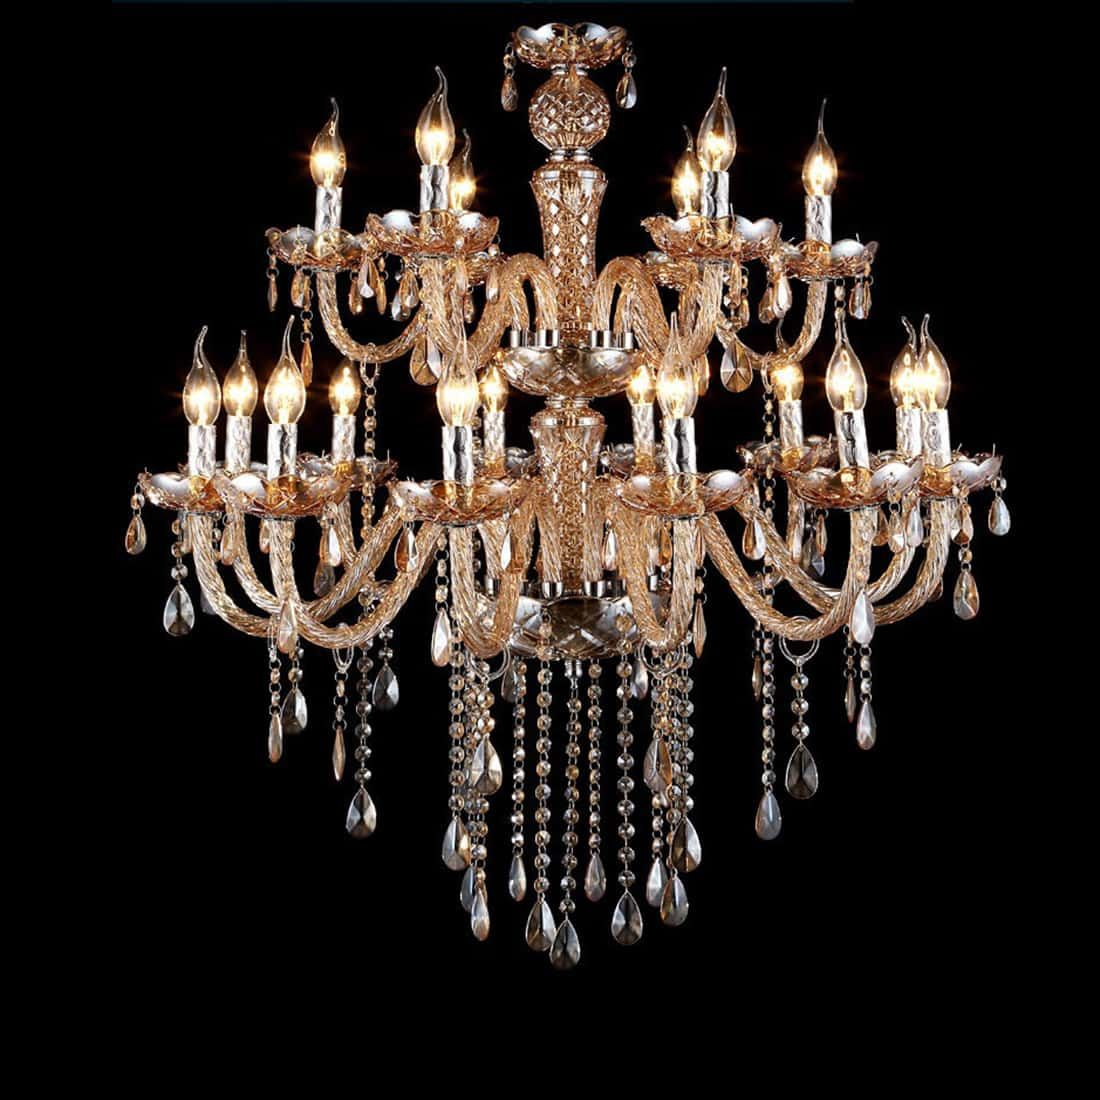 luxury-pendant-light-candle-chandelier